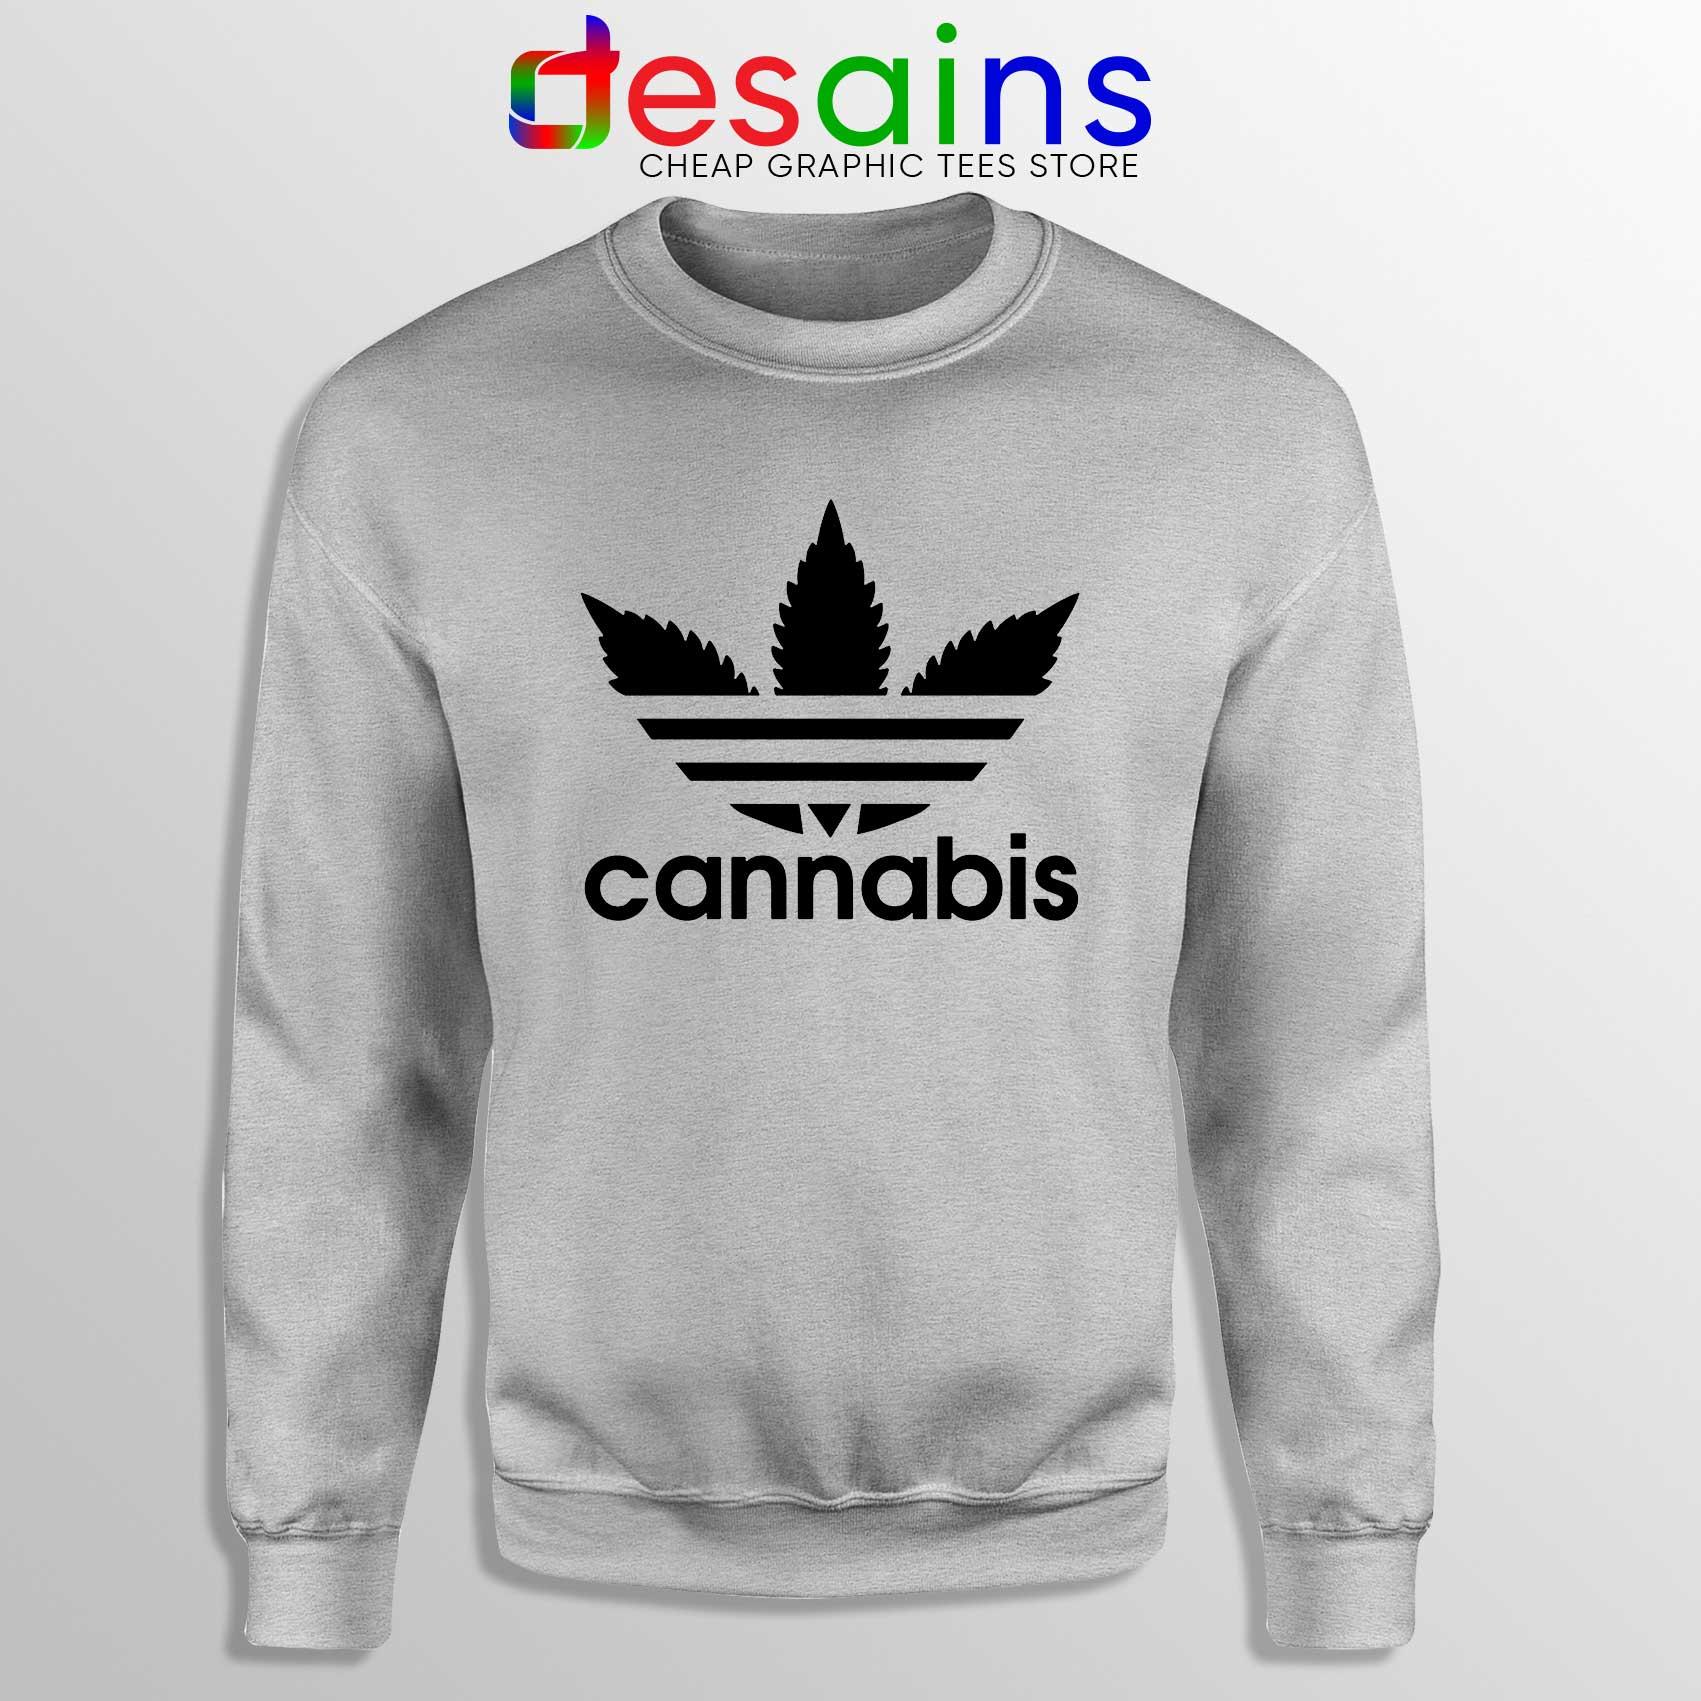 Buy-Sweatshirt-Cannabis-Leaf-Adidas-Crewneck-Funny-Adidas-Size-S-3XL.jpg